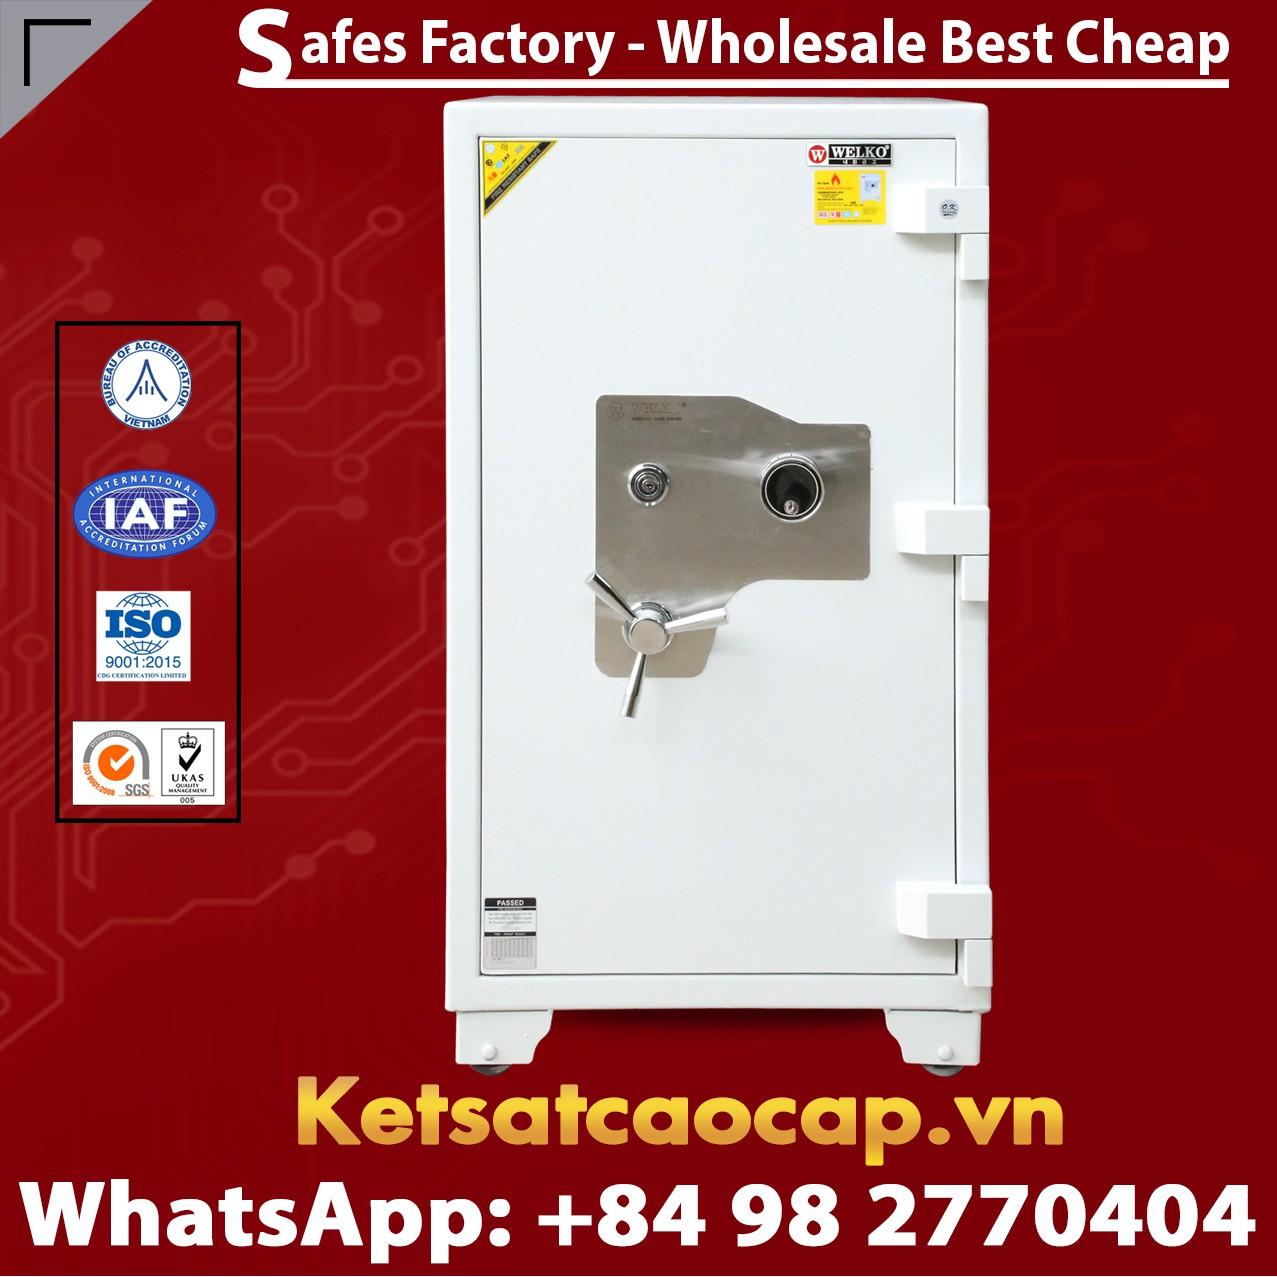 Premium Safe Box WELKO US1080 DK Pro